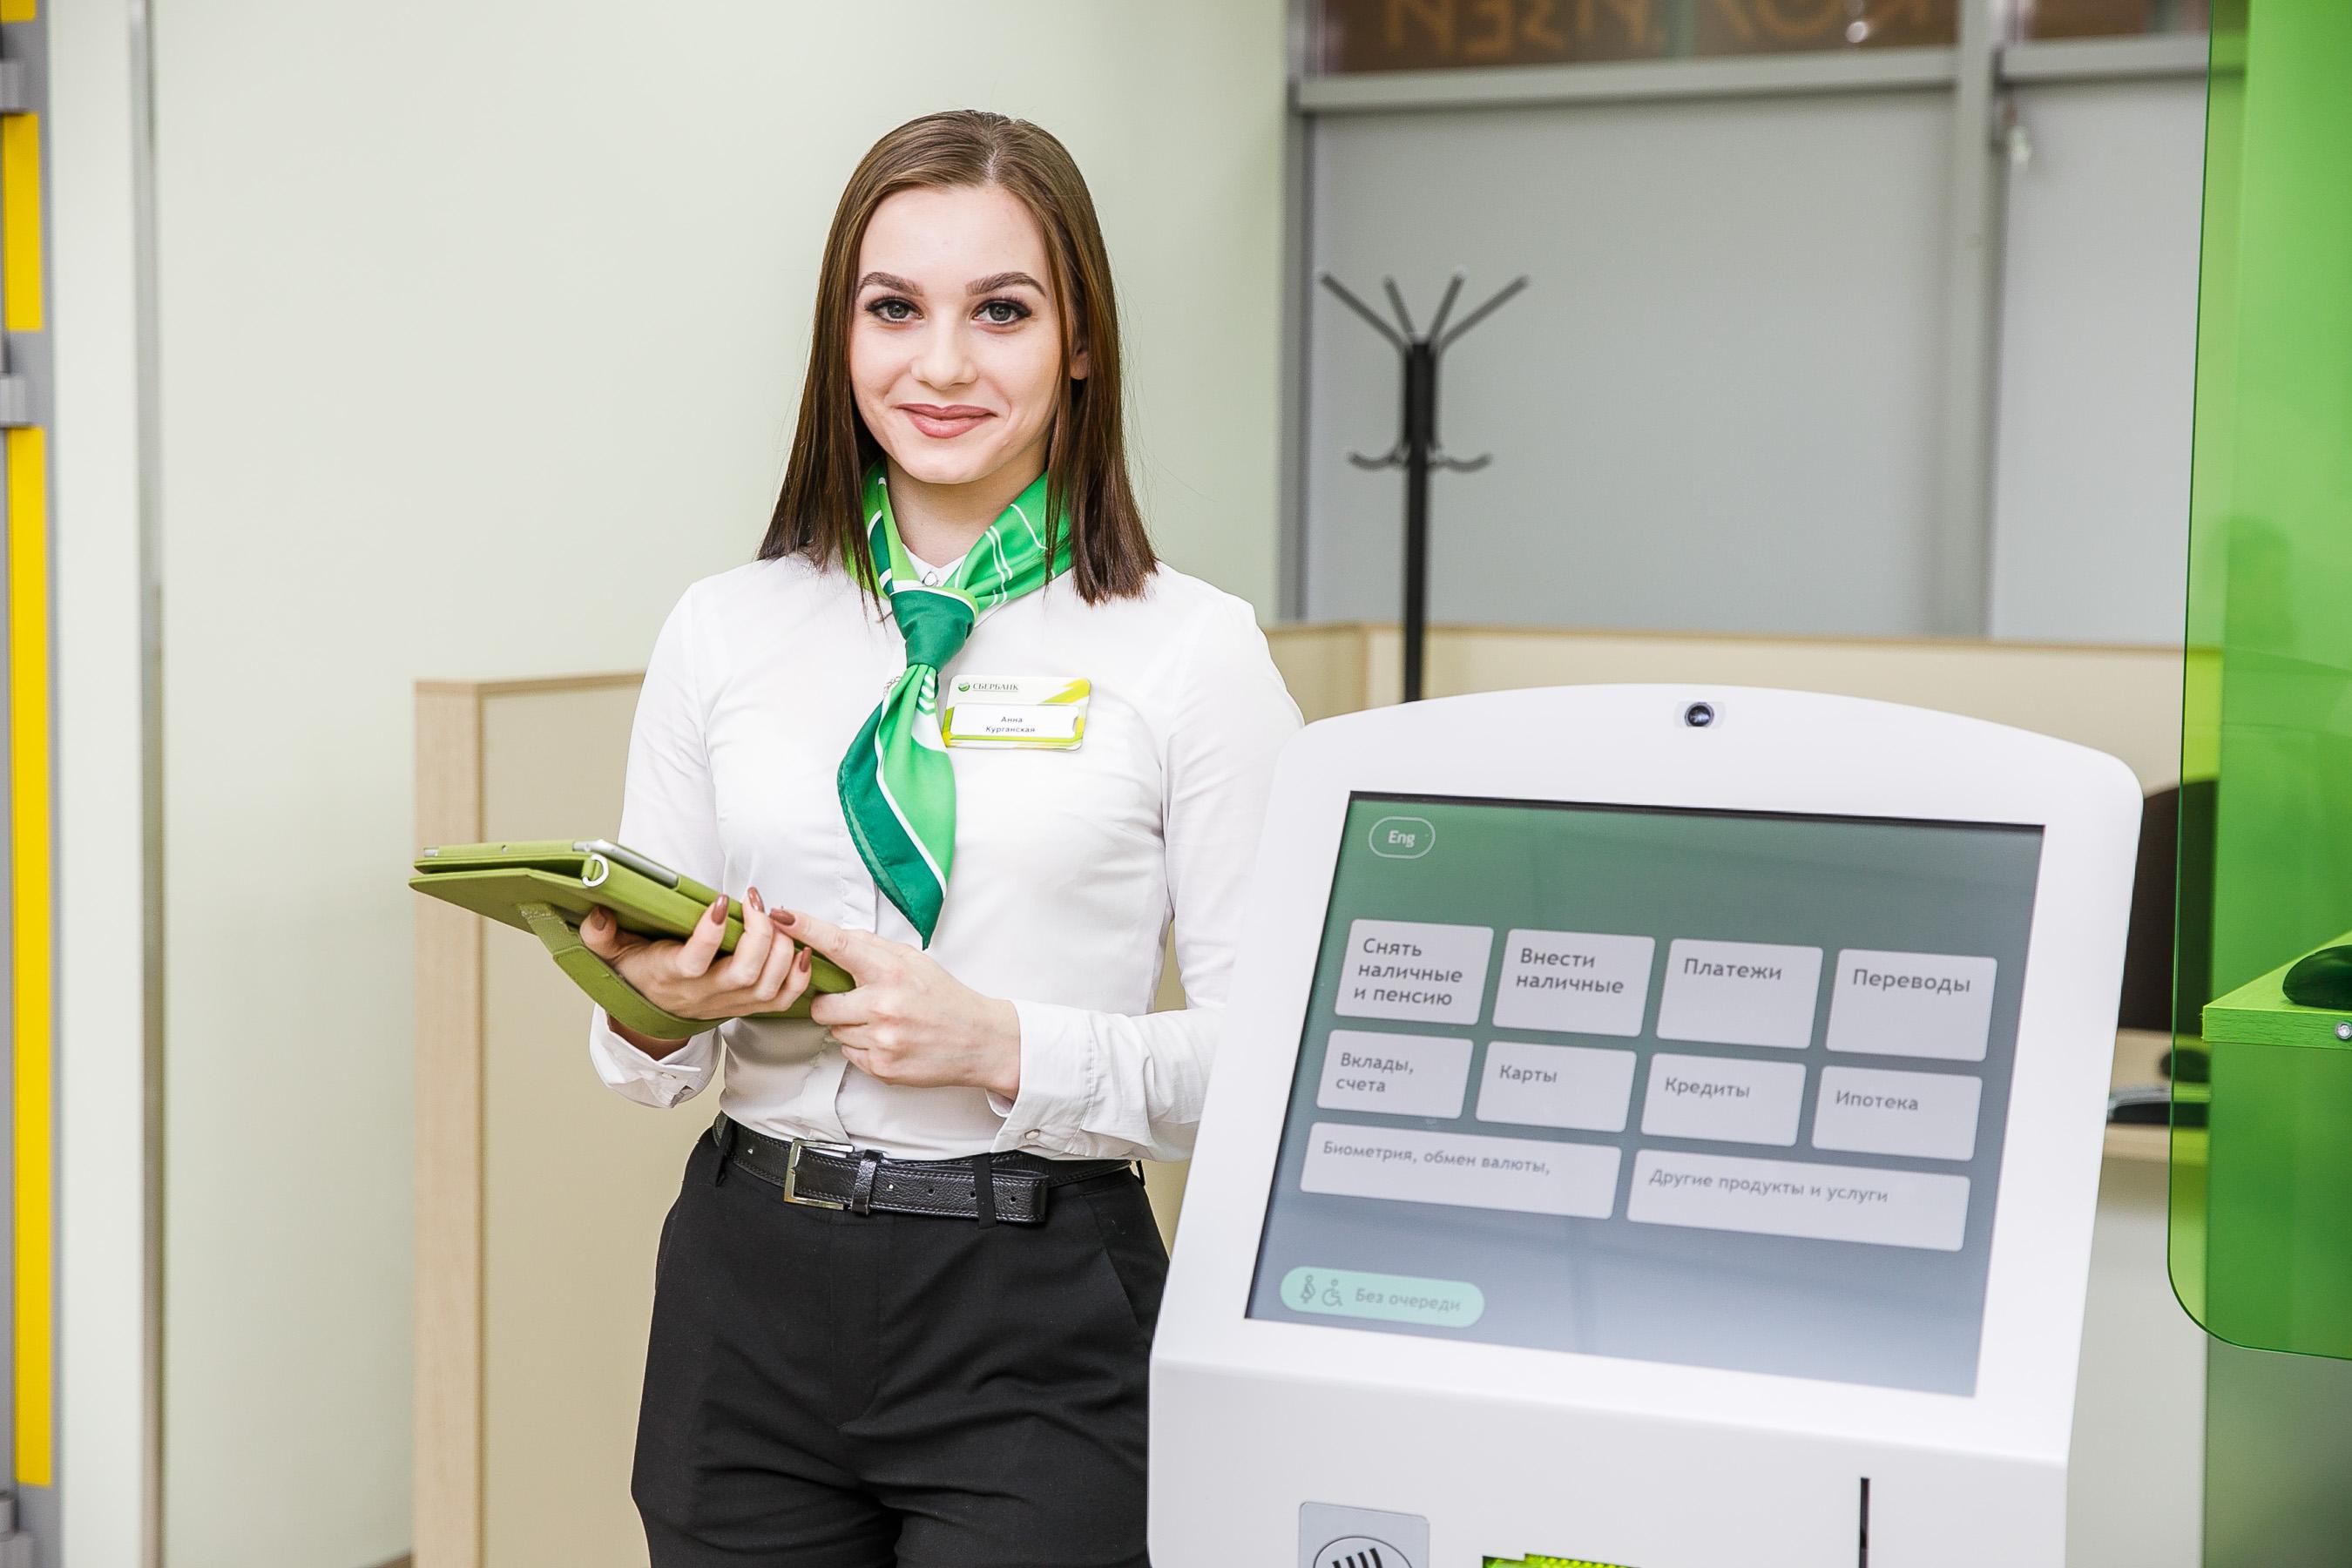 Сбербанк работа для девушек работа в агрыз